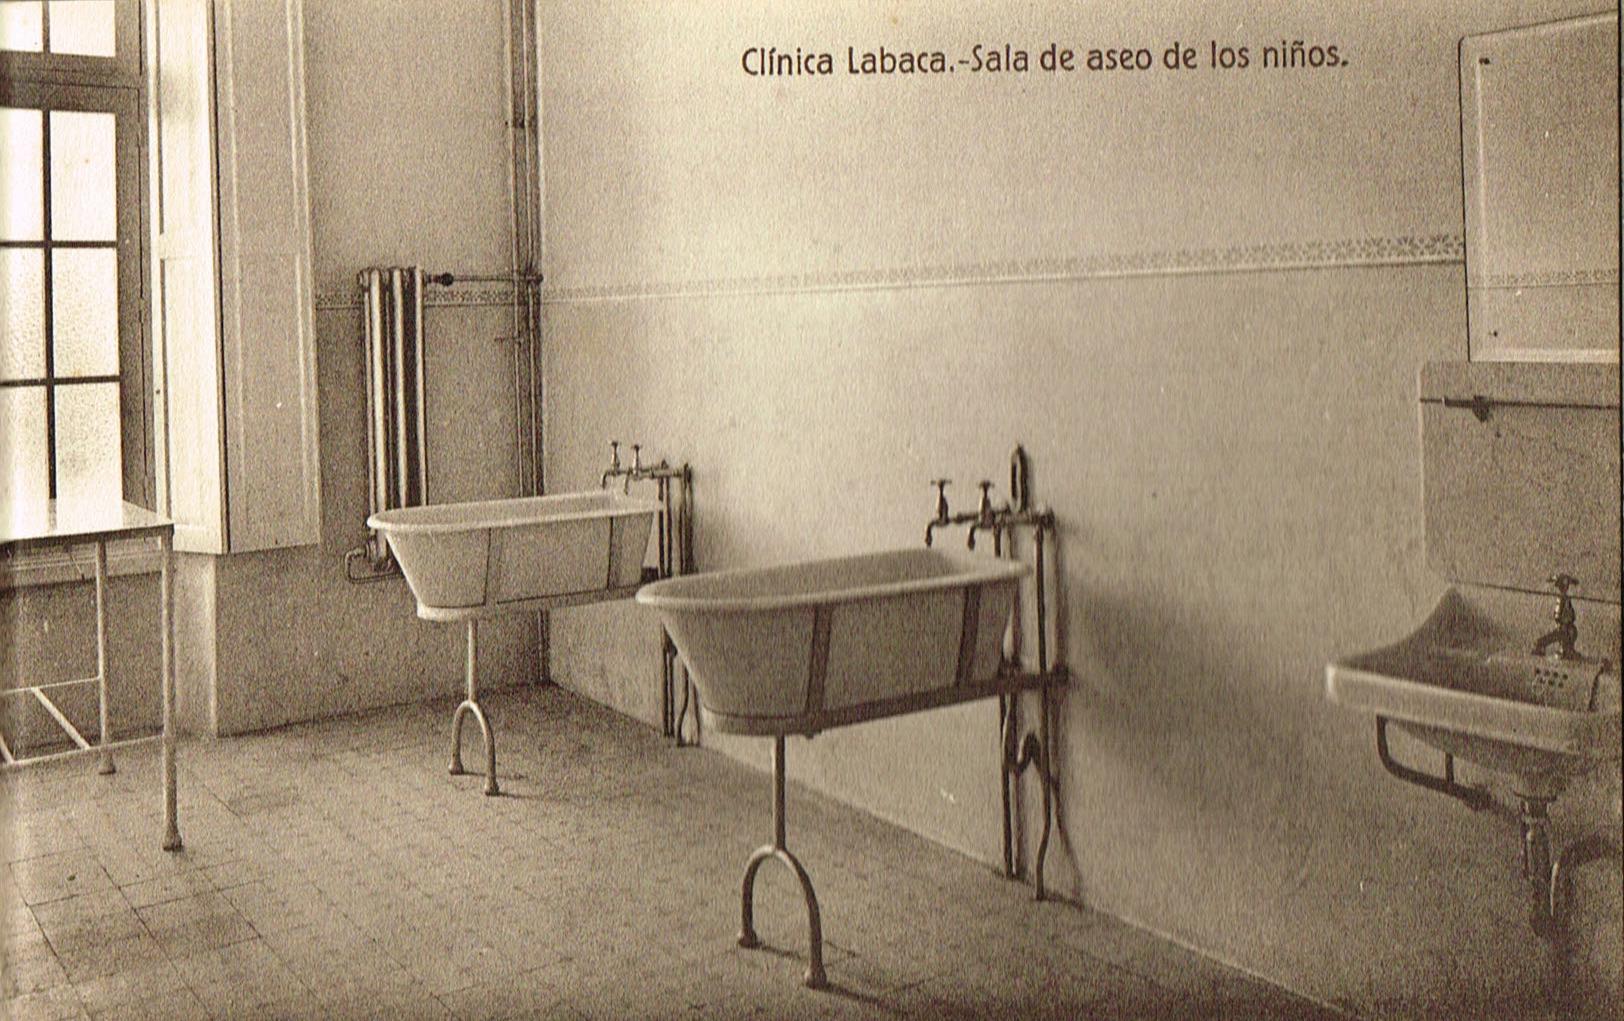 Clínica Labaca, sala de aseo de los niños